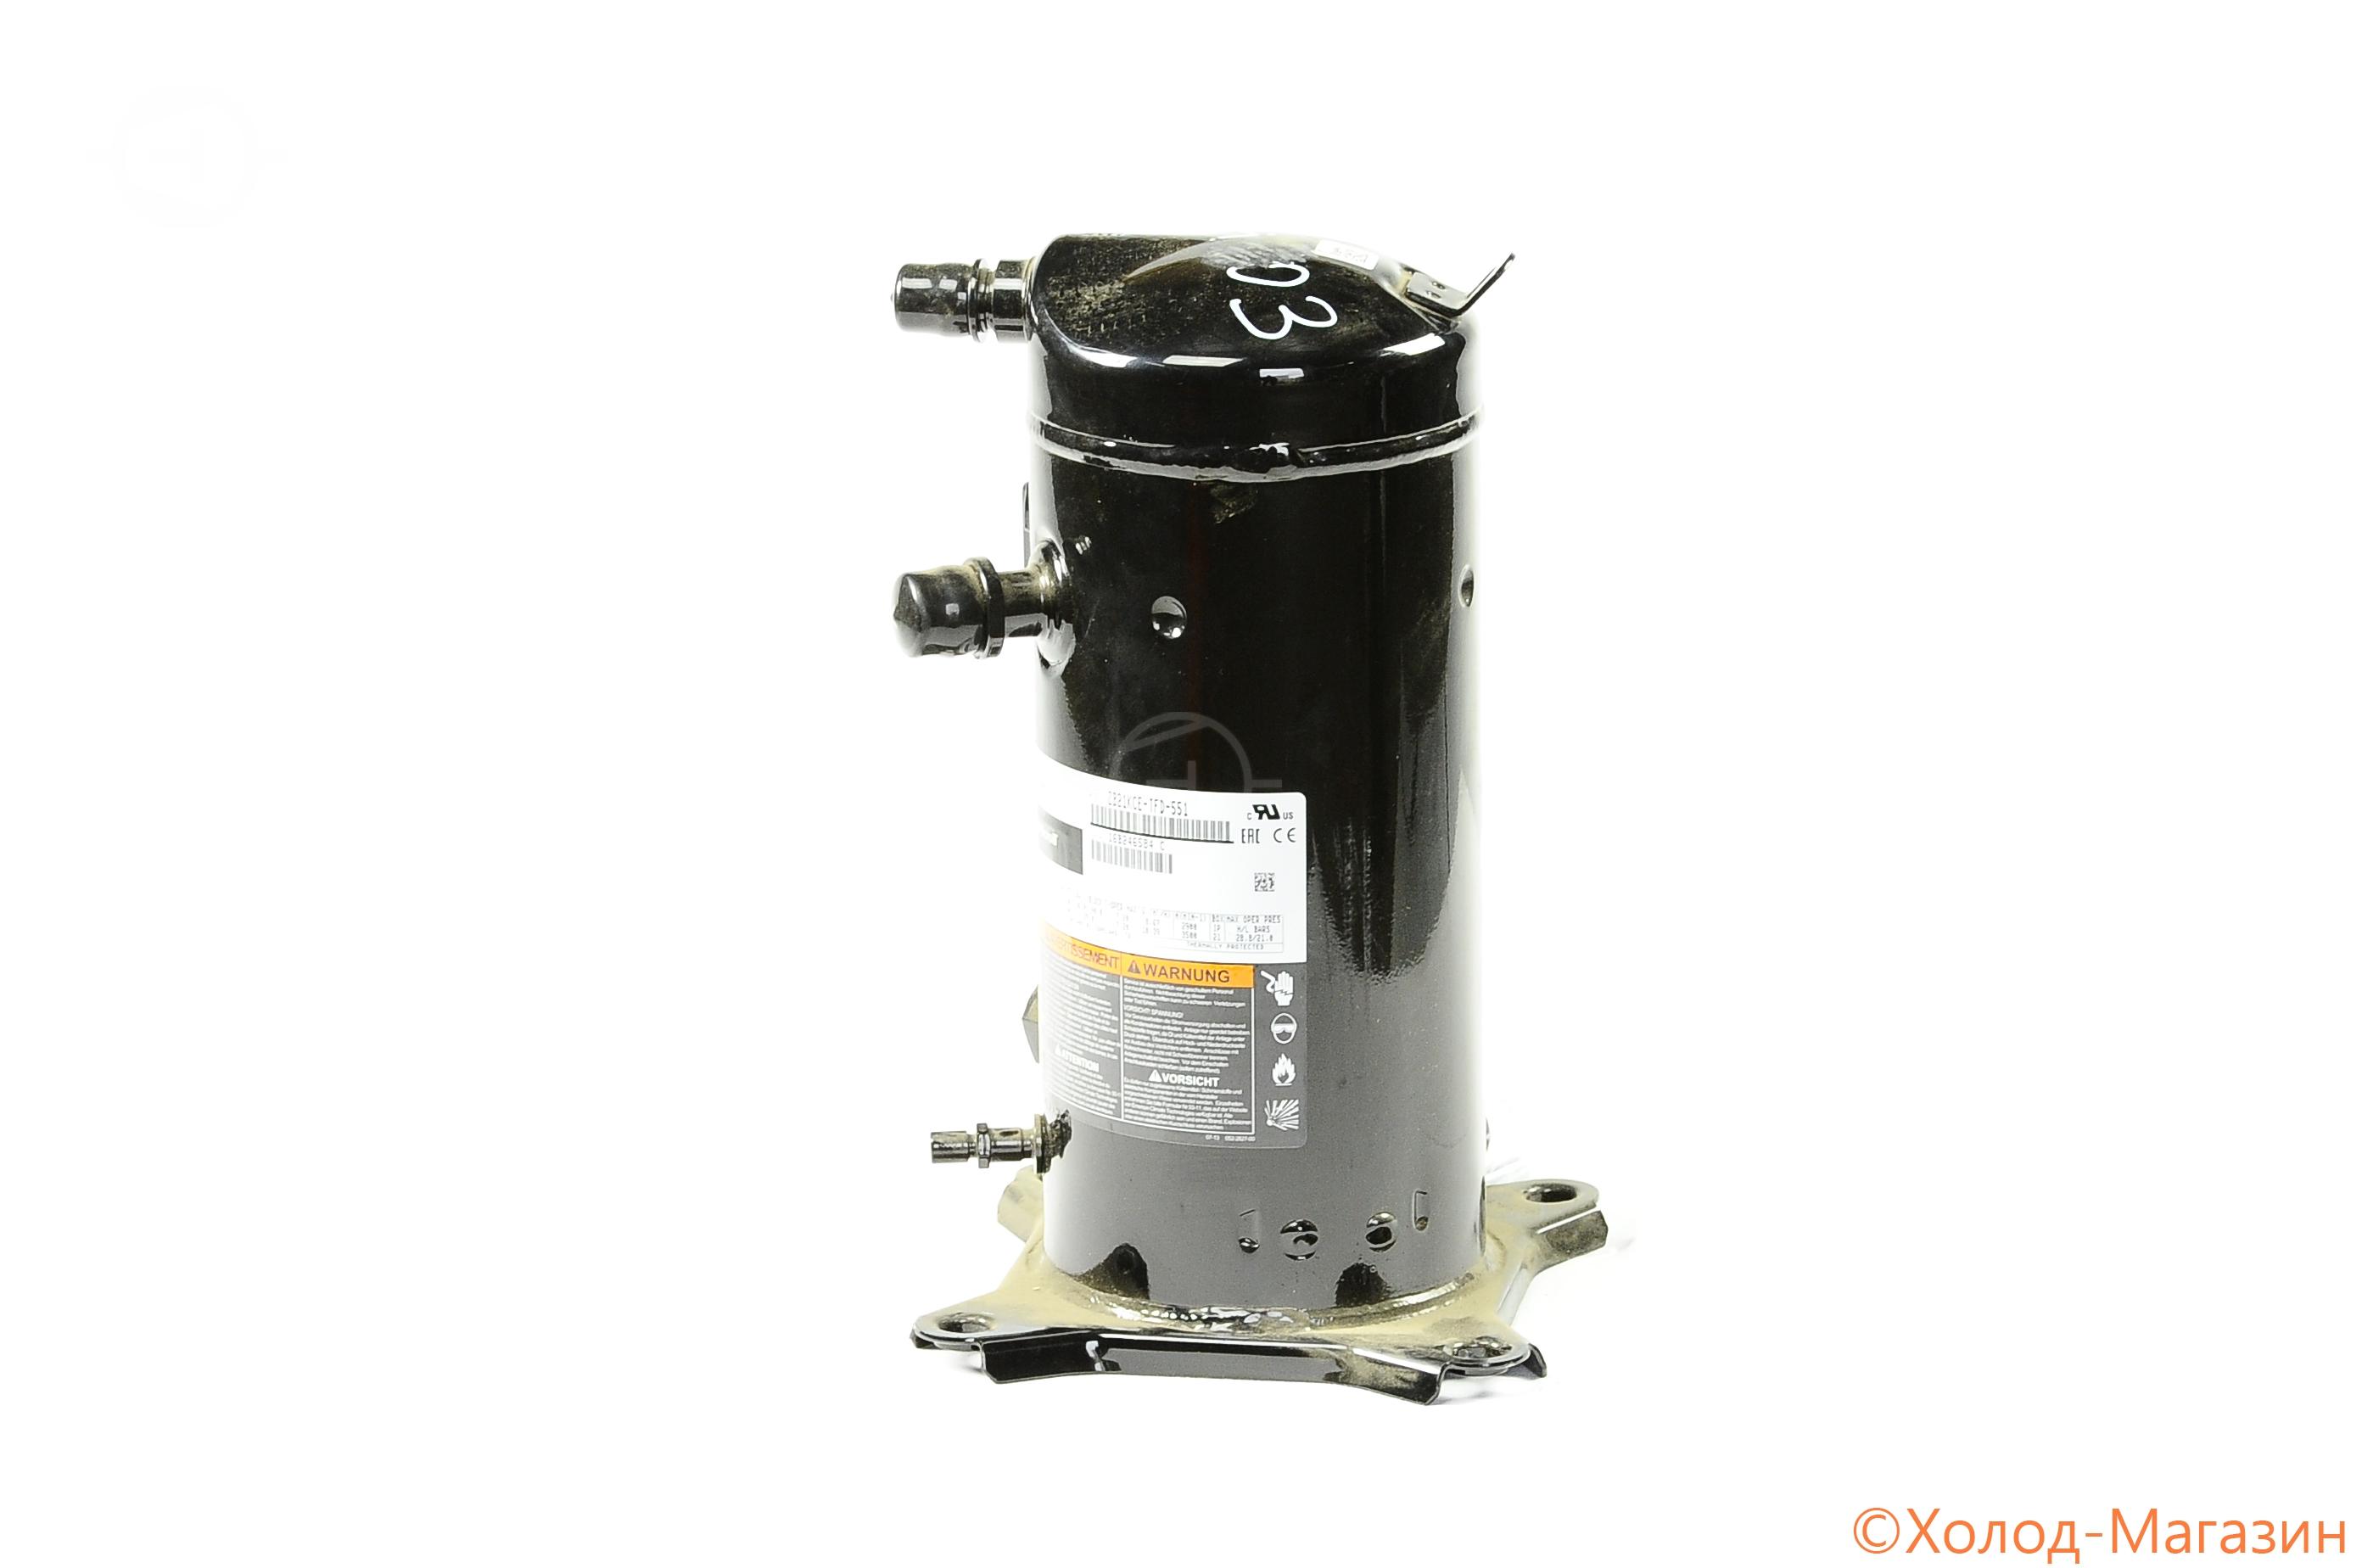 Компрессор спиральный ZB 21 KCE-TFD-551 Copeland, Emerson